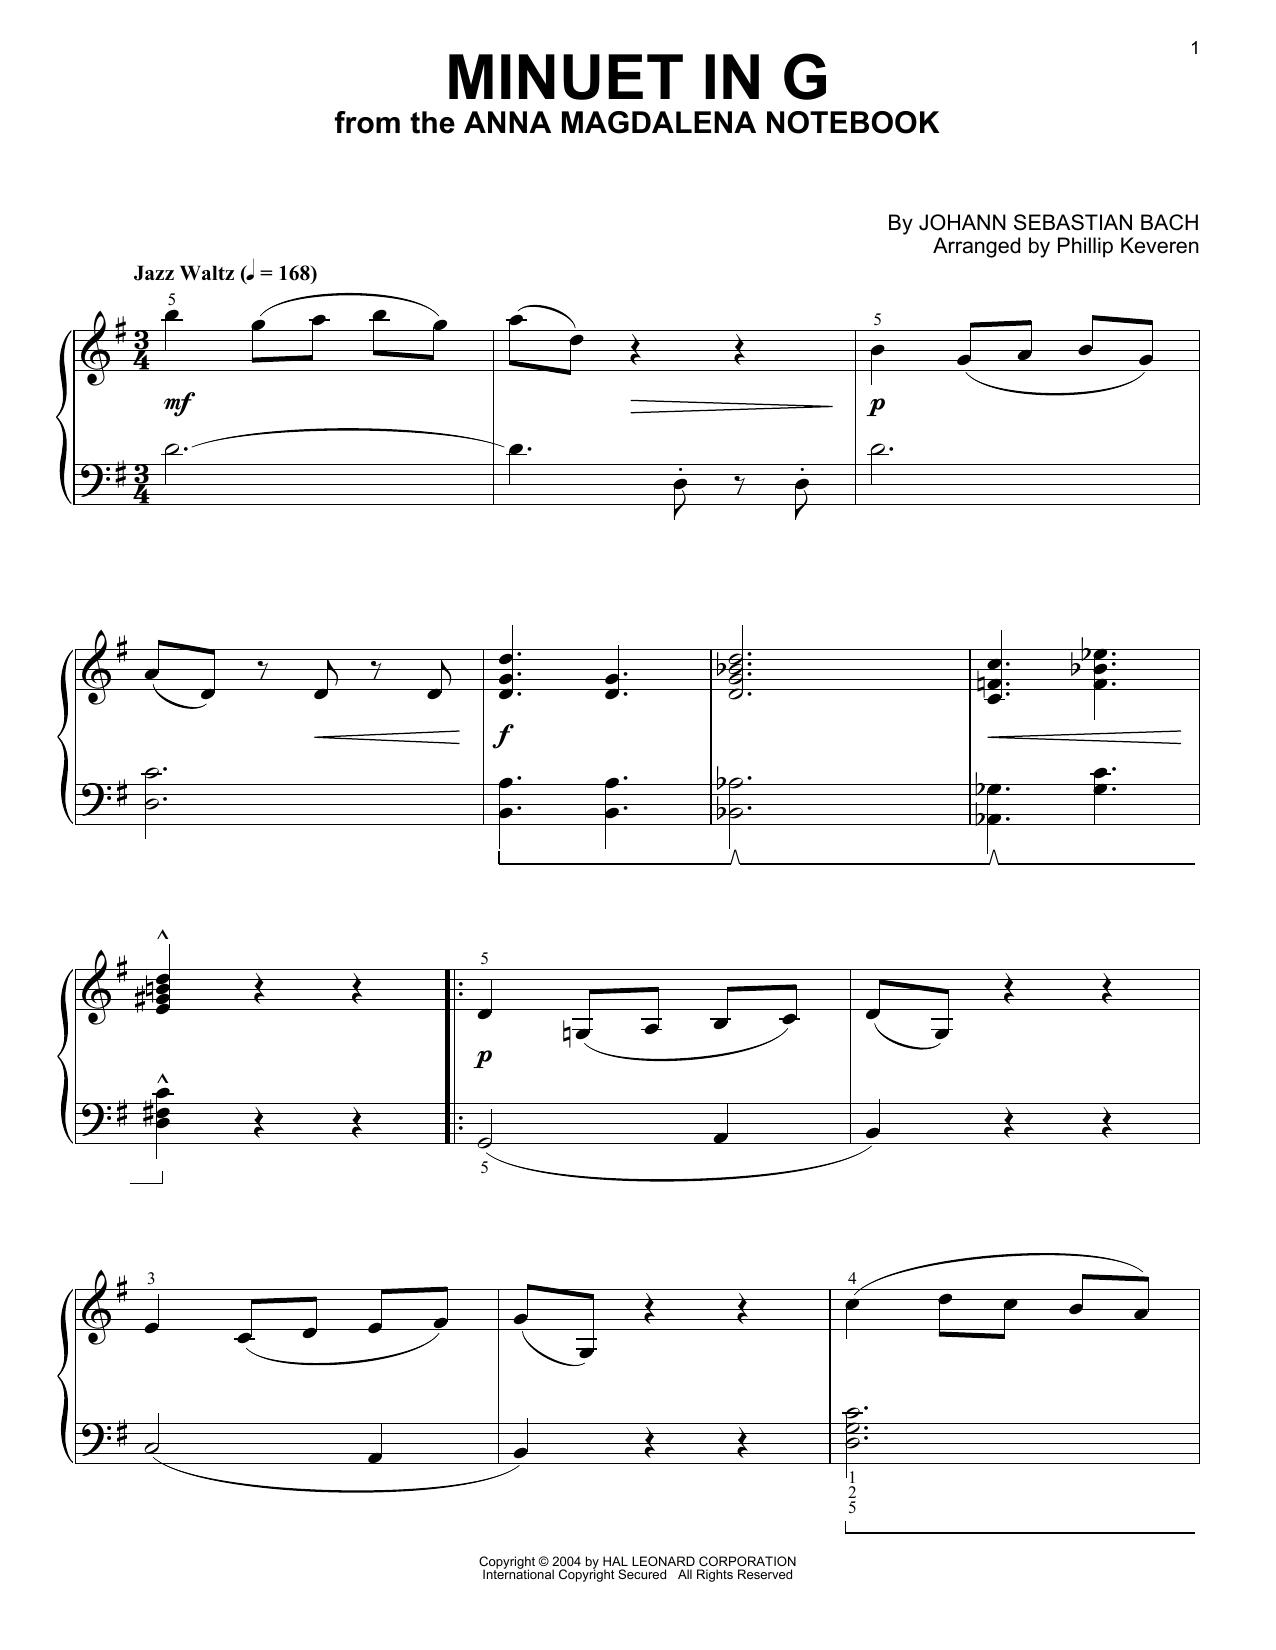 Johann Sebastian Bach Minuet In G [Jazz version] (arr. Phillip Keveren) sheet music notes and chords